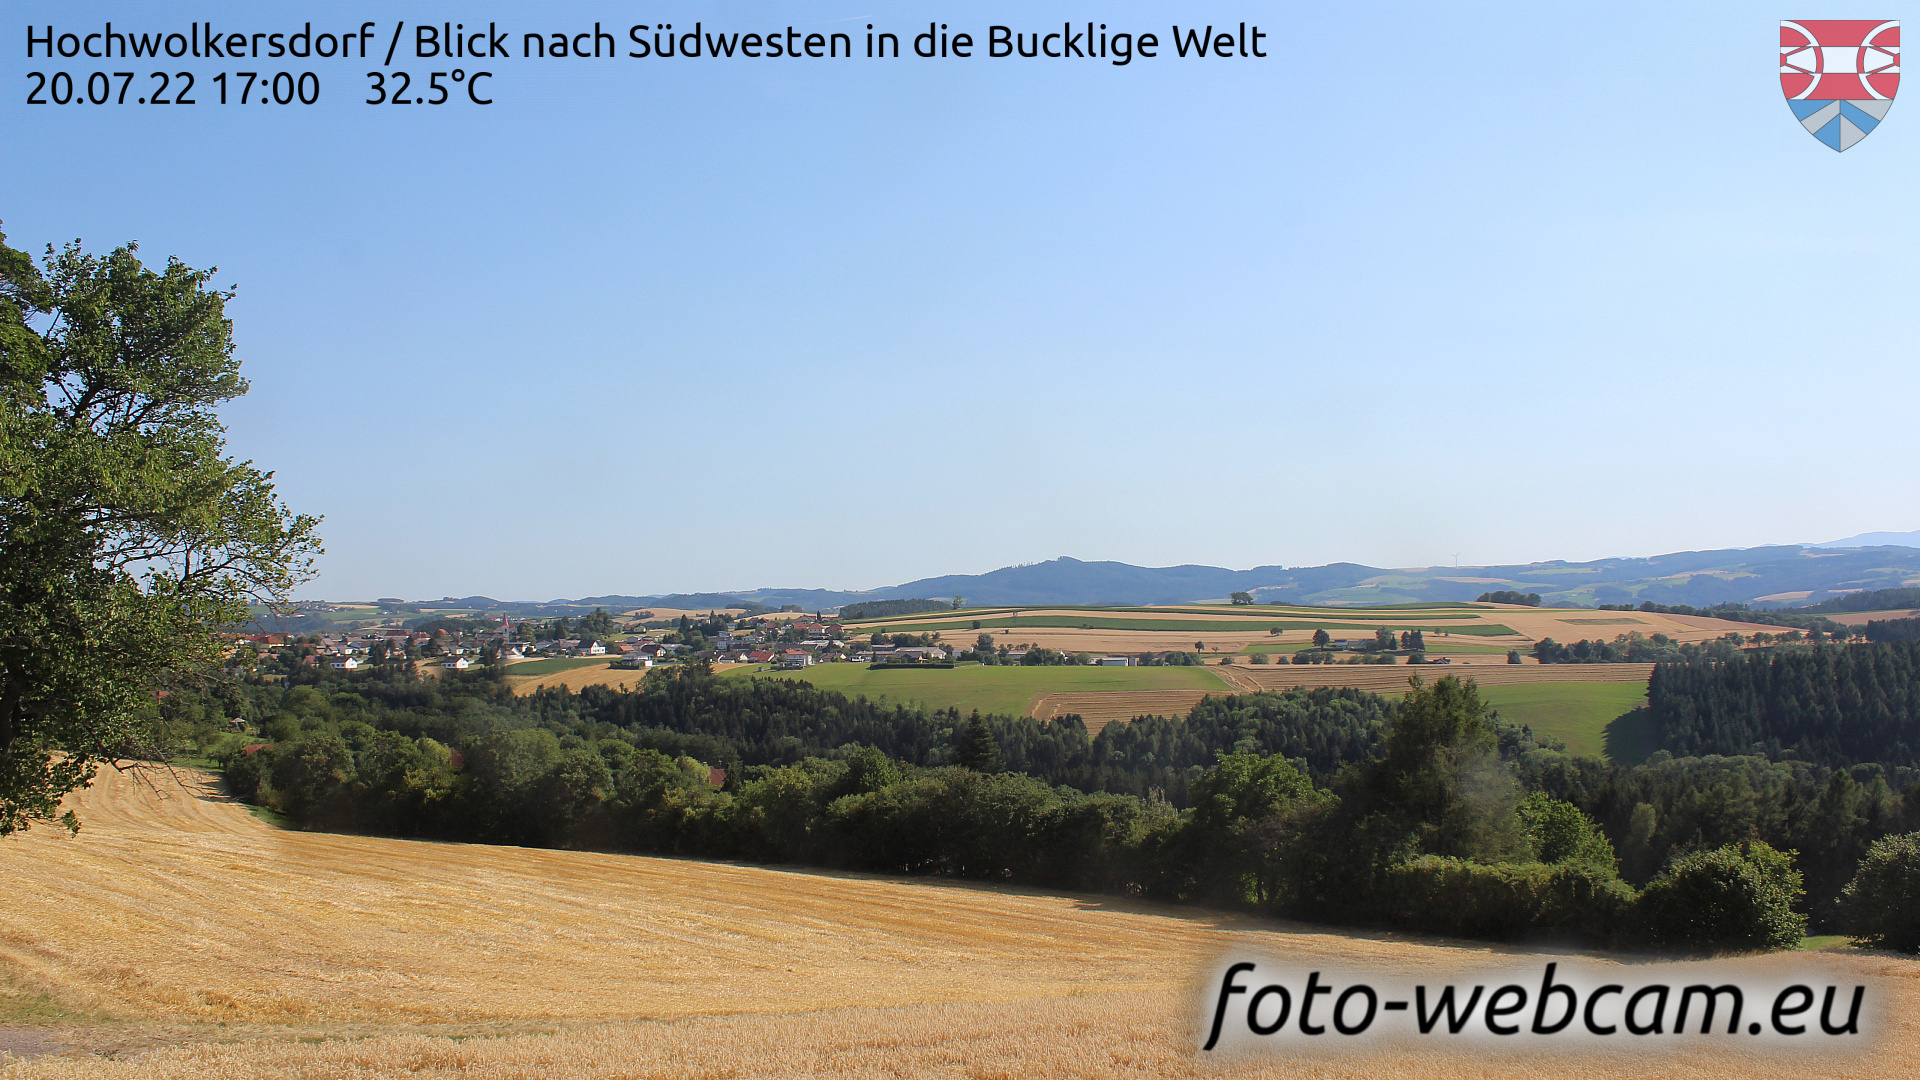 Hochwolkersdorf Tue. 17:09